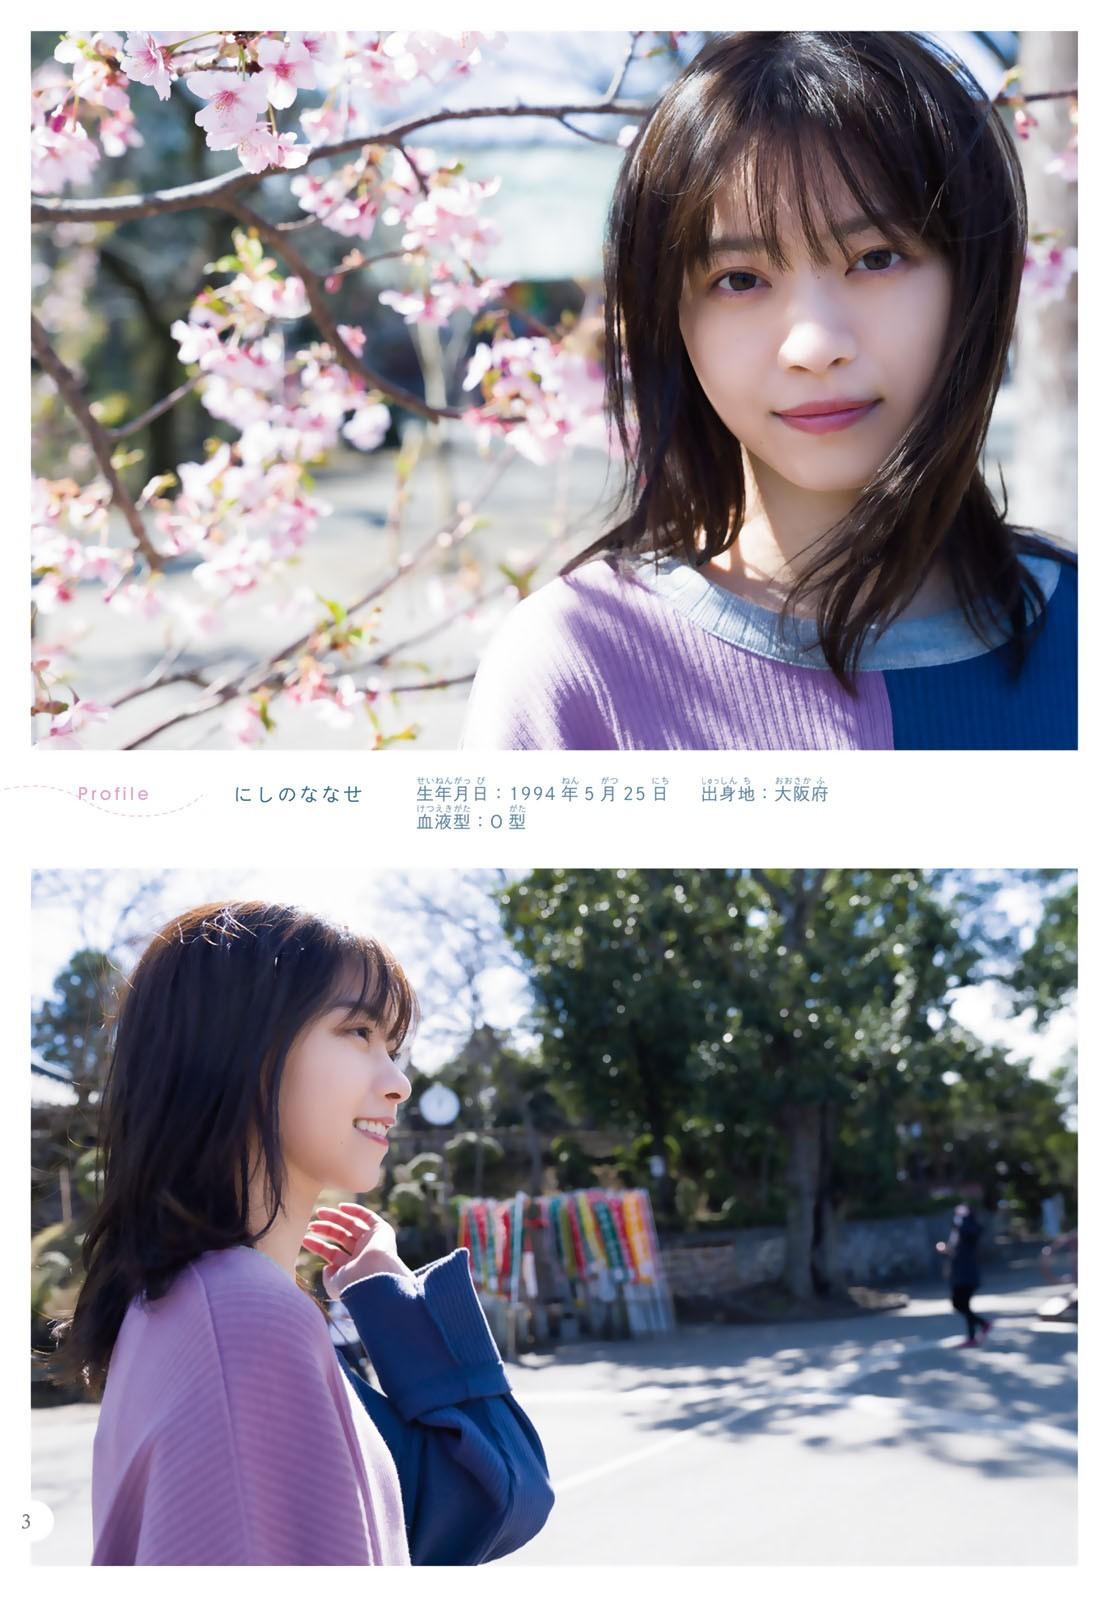 西野七濑 少年Magazine005